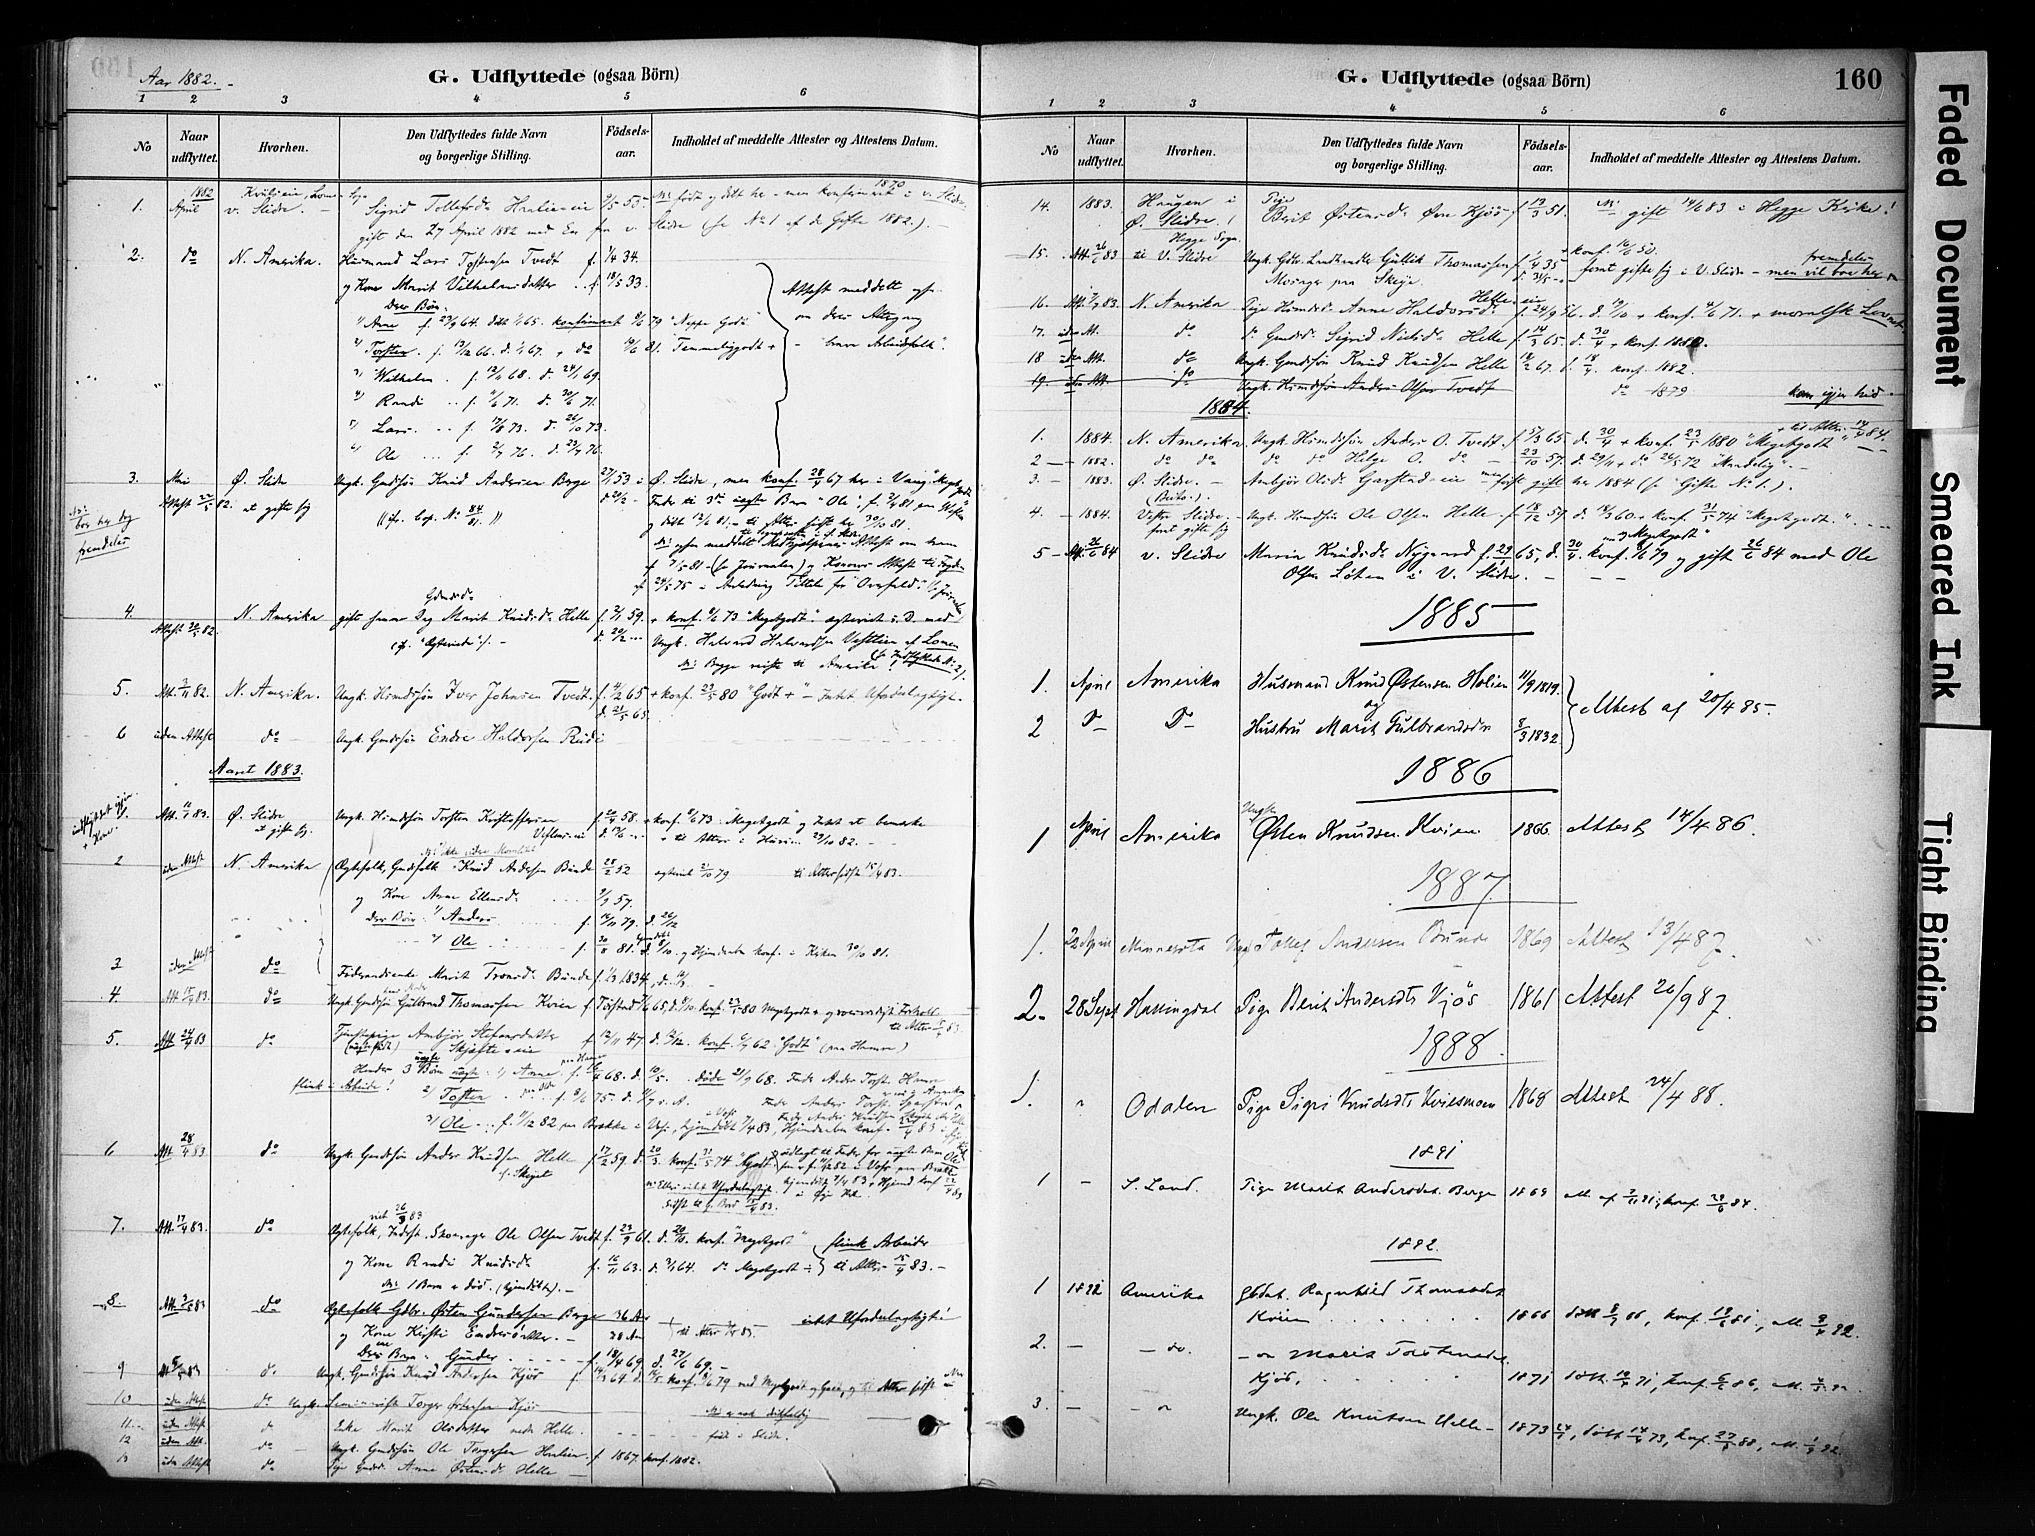 SAH, Vang prestekontor, Valdres, Ministerialbok nr. 9, 1882-1914, s. 160